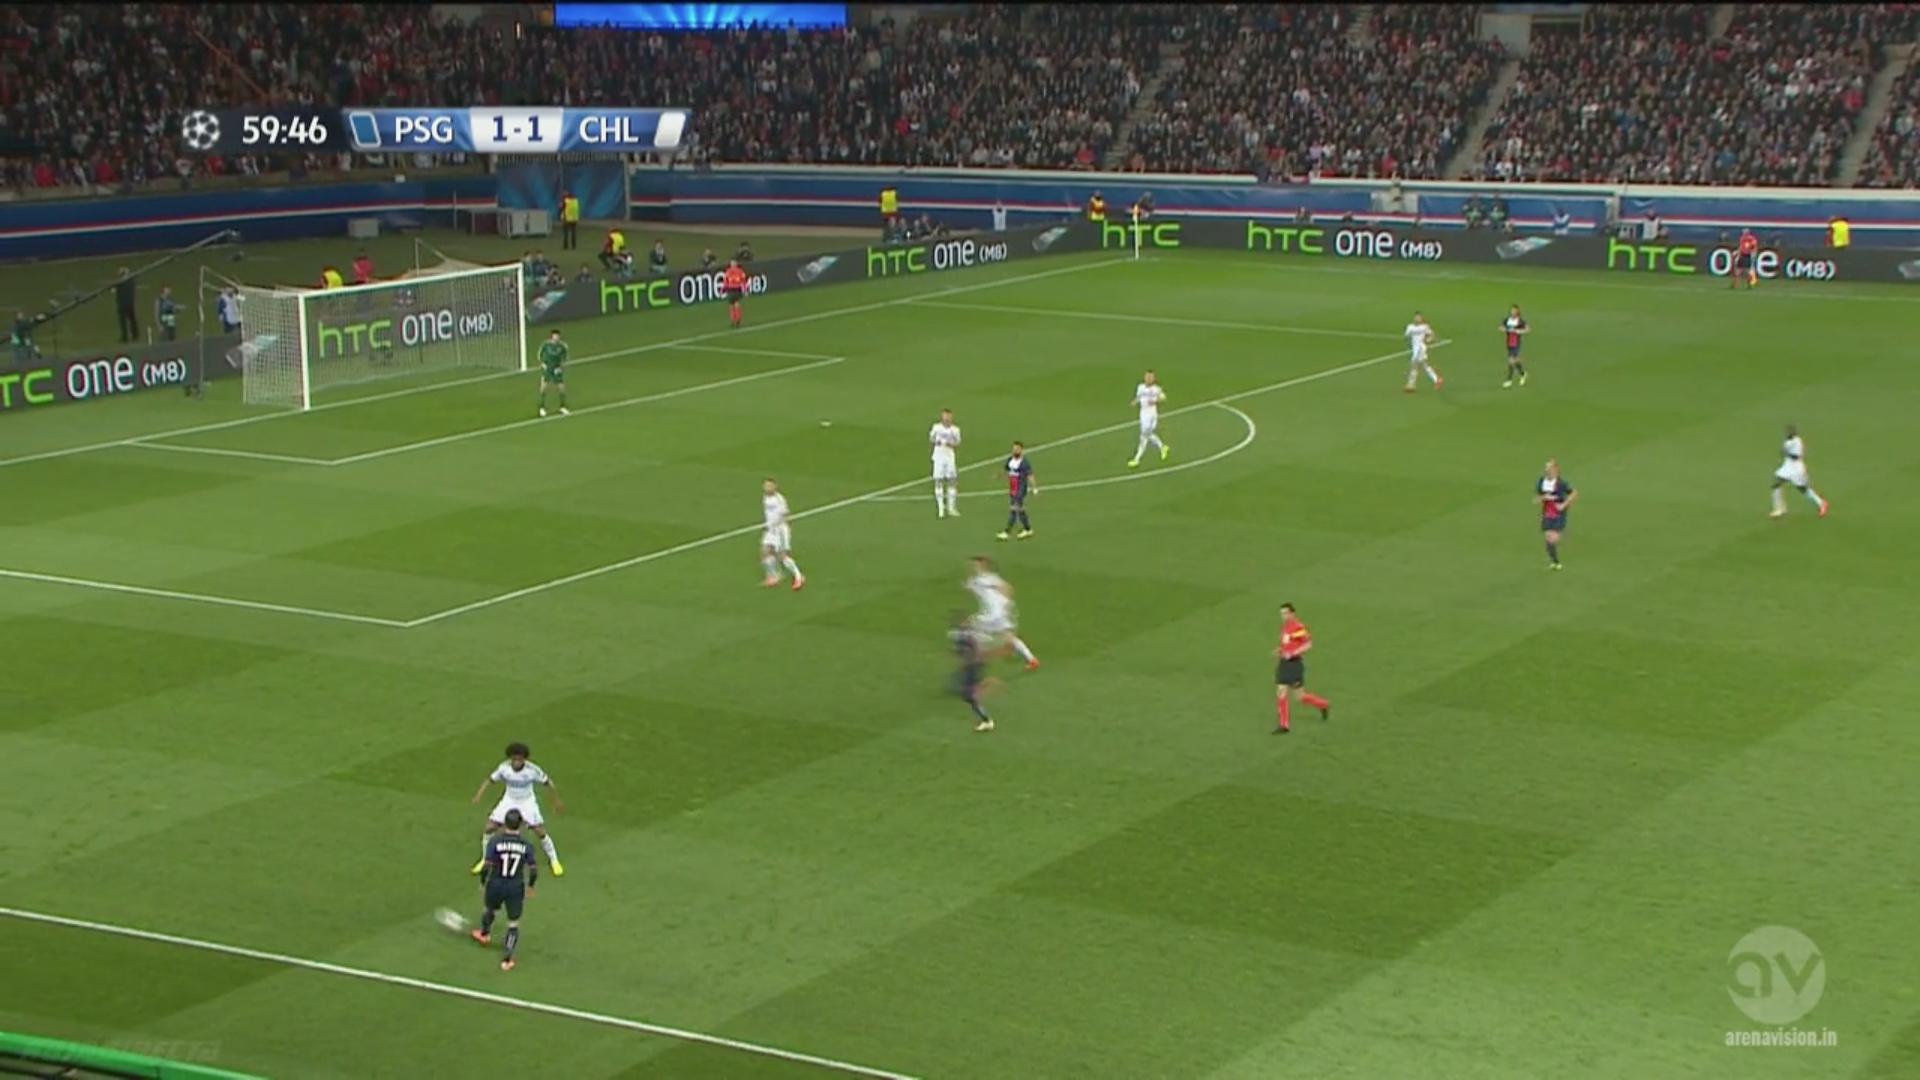 Willian défend intérieur alors qu'Ivanovic resserre dans l'axe. En réalité Chelsea défend plutôt en individuelle et David Luiz doit chasser Matuidi. Son léger retard lui sera fatal, alors qu'il n'y avait pas grand danger.